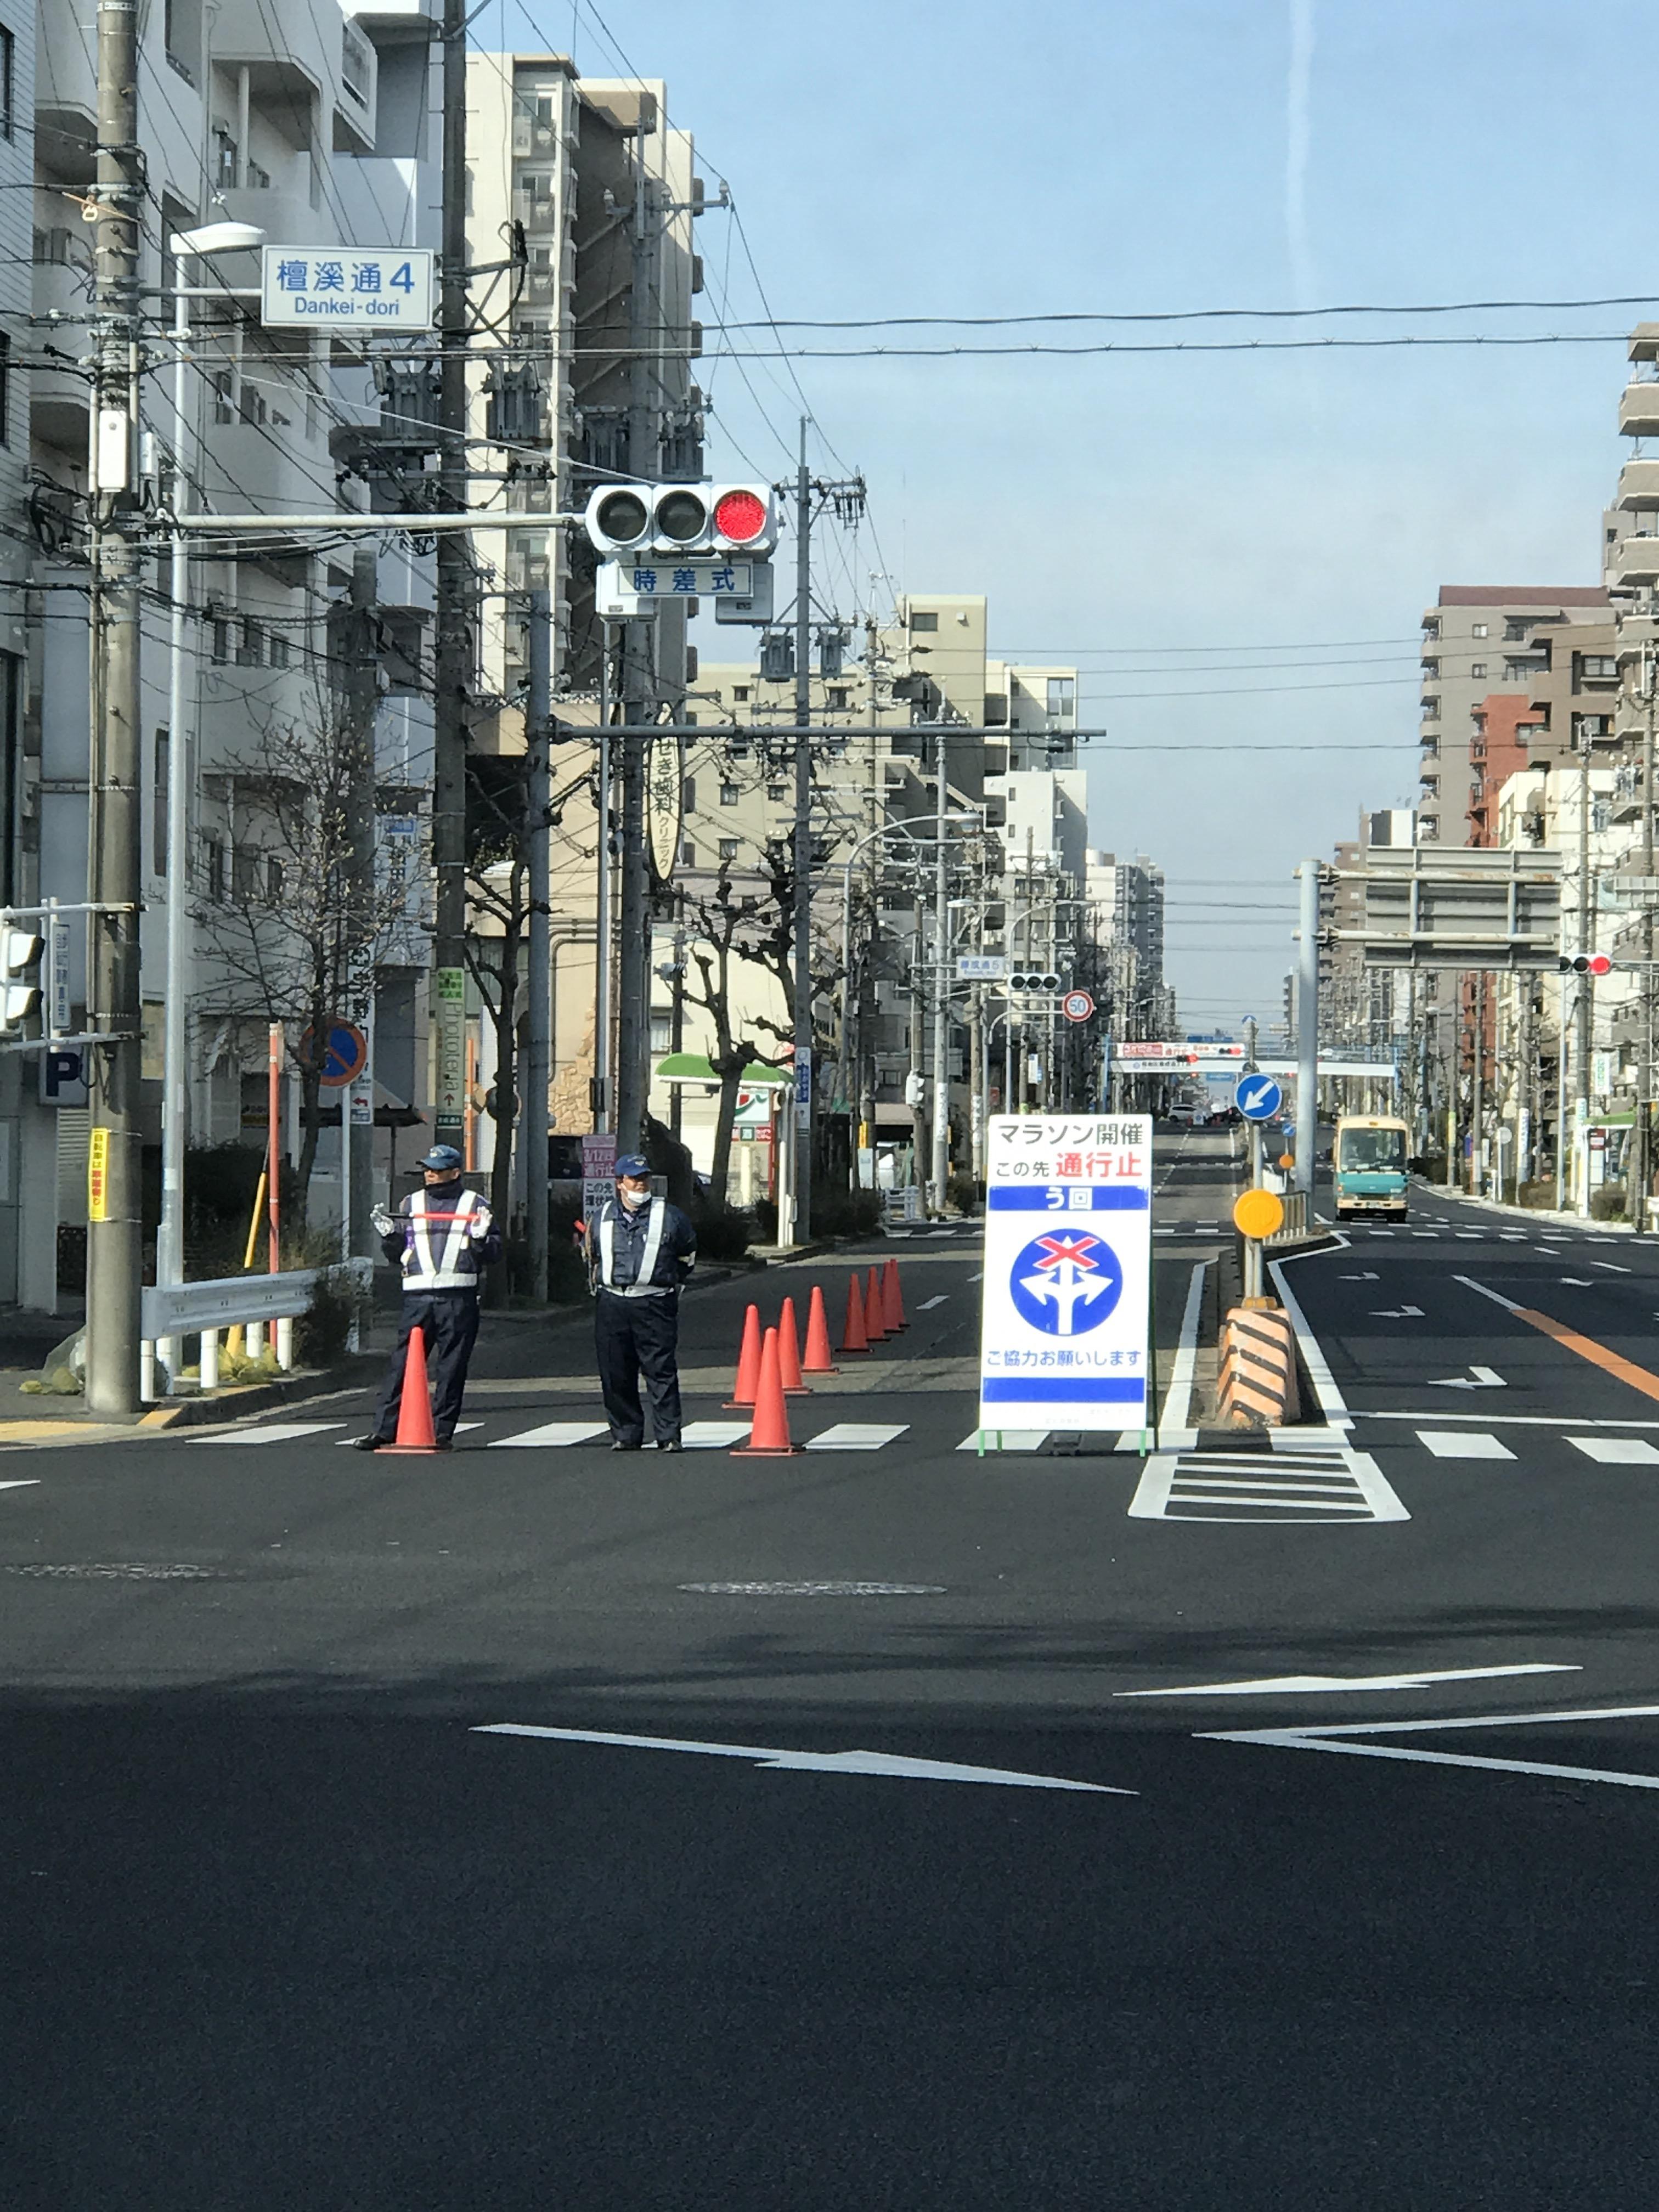 名古屋ウィミンズマラソンでの通行止め